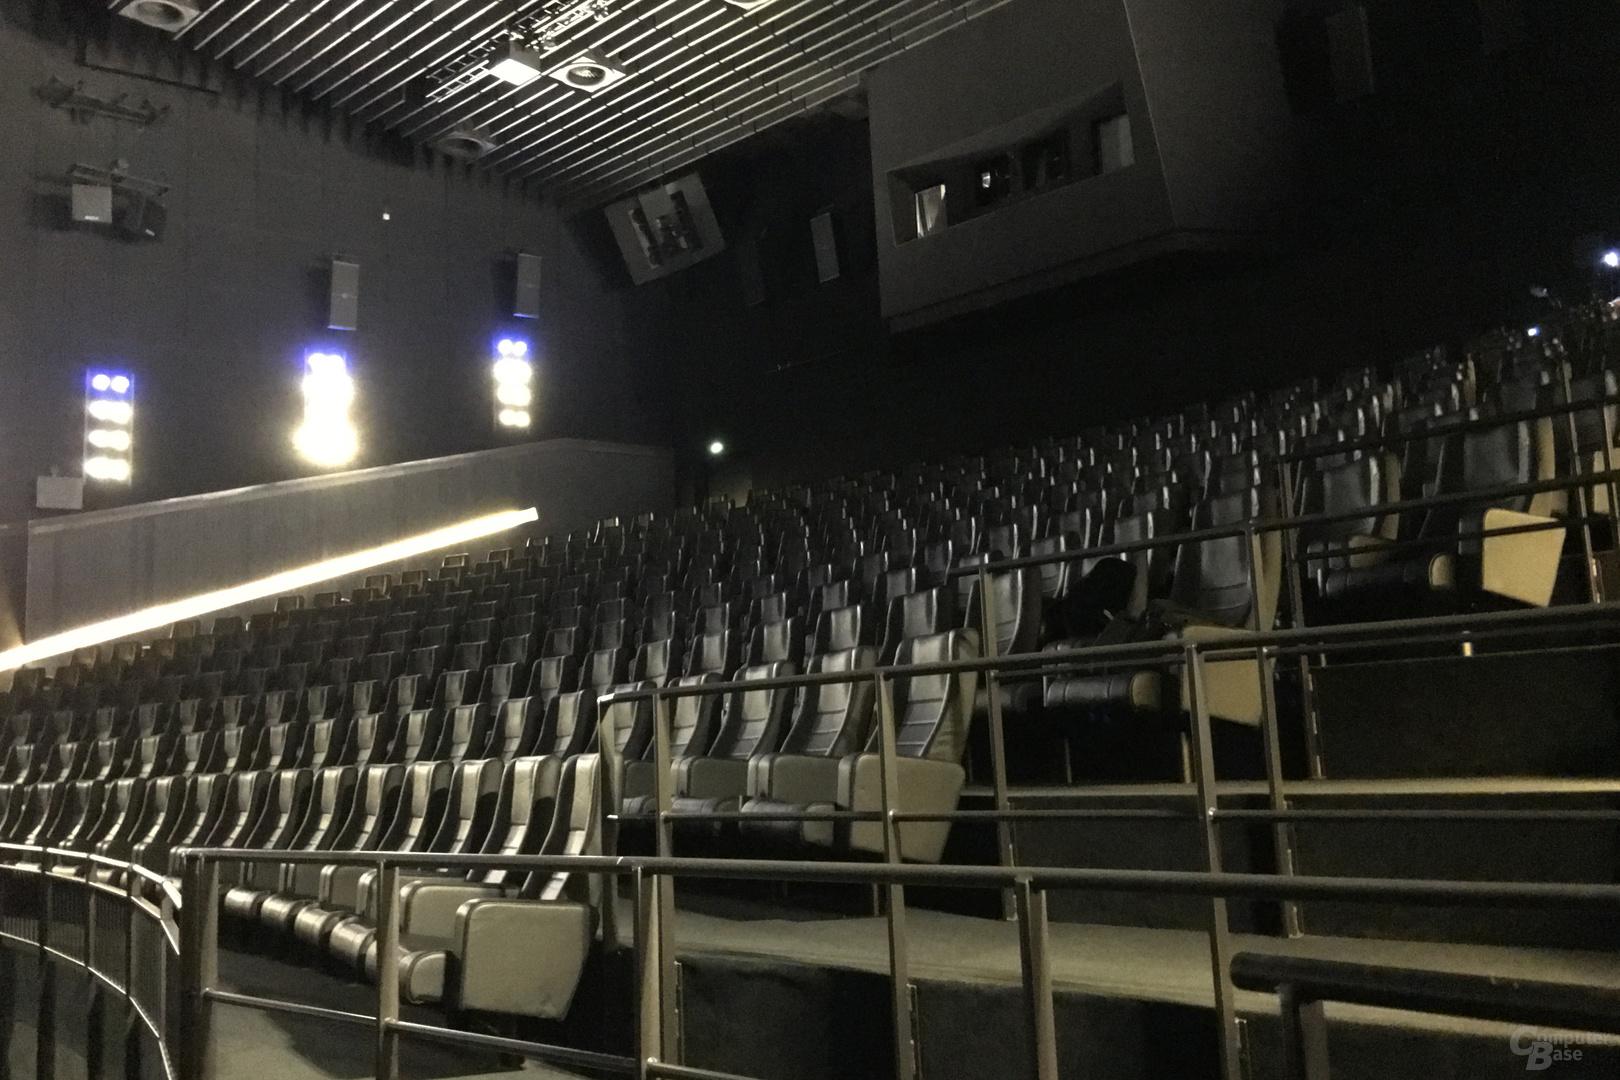 Der IMAX-Saal mit insgesamt 328 Plätzen